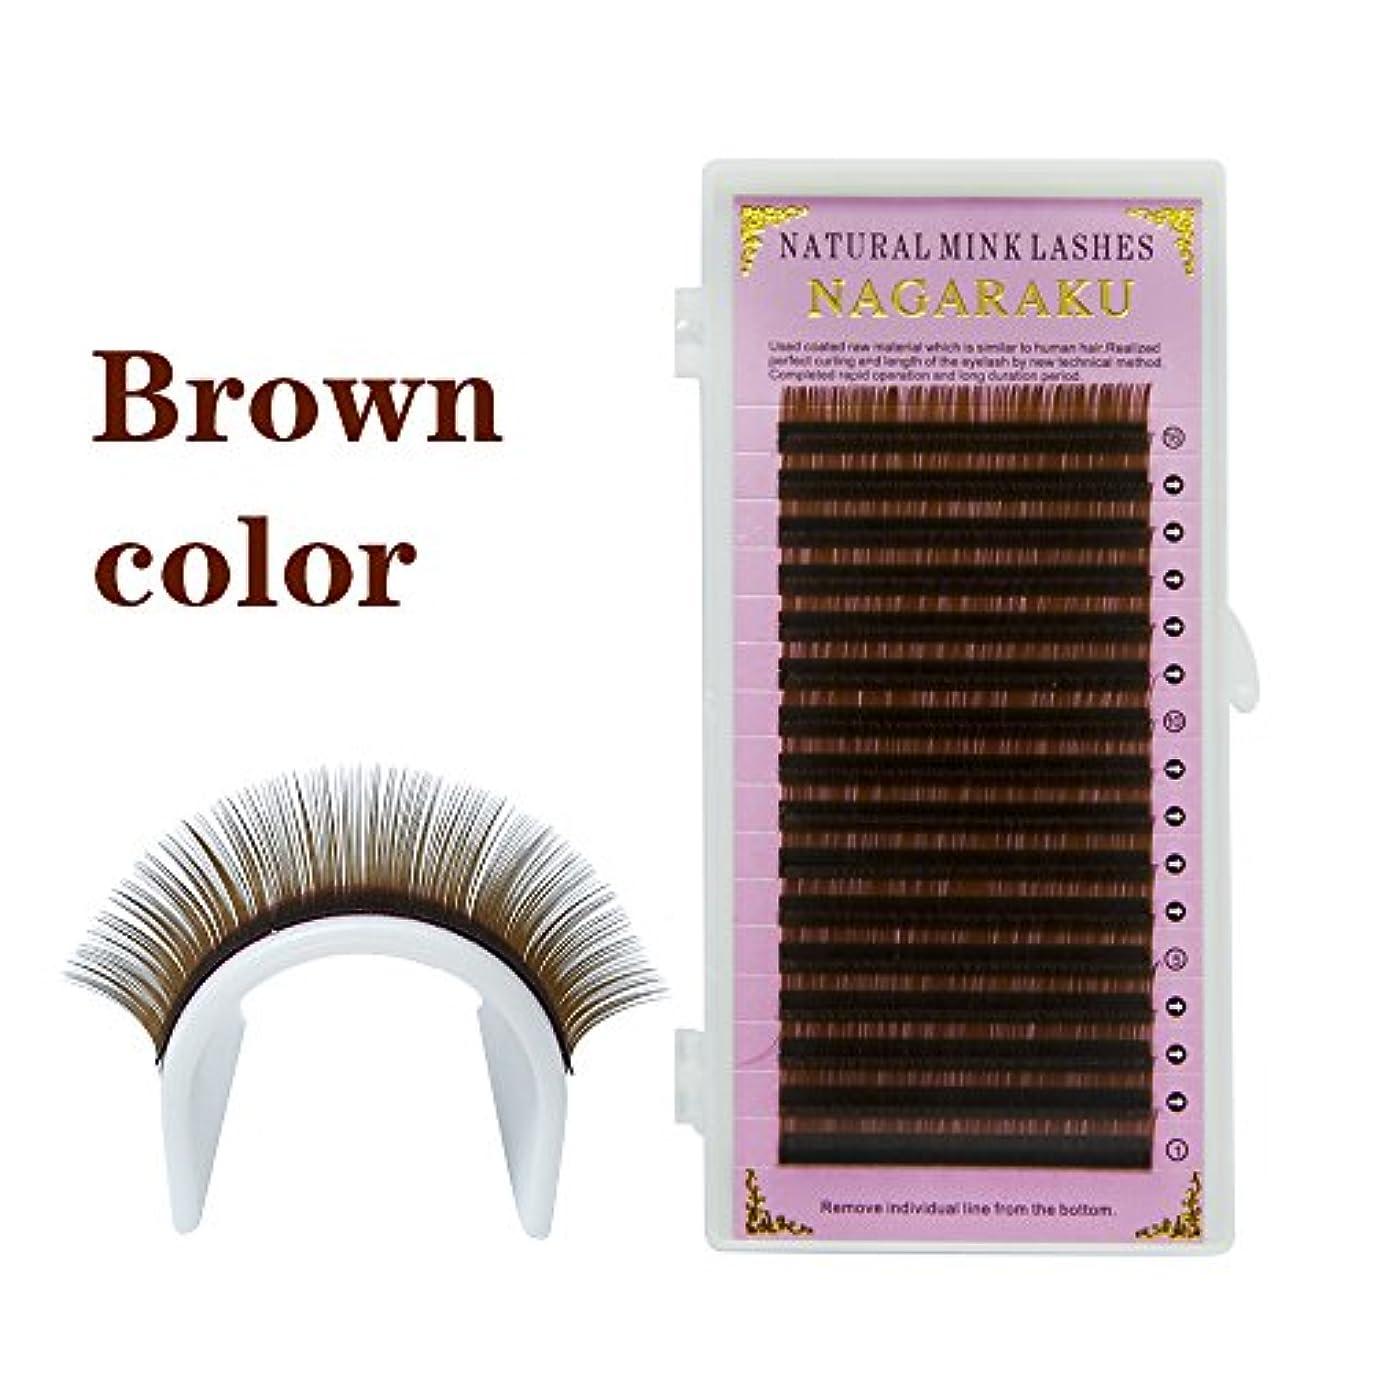 忠実なアシスタント正しいNAGARAKU 16列褐色ブラウン色まつげエクステ個人用のまつげミンクMinkマツエク、ソフトとナチュラル(0.10 D 11mm)